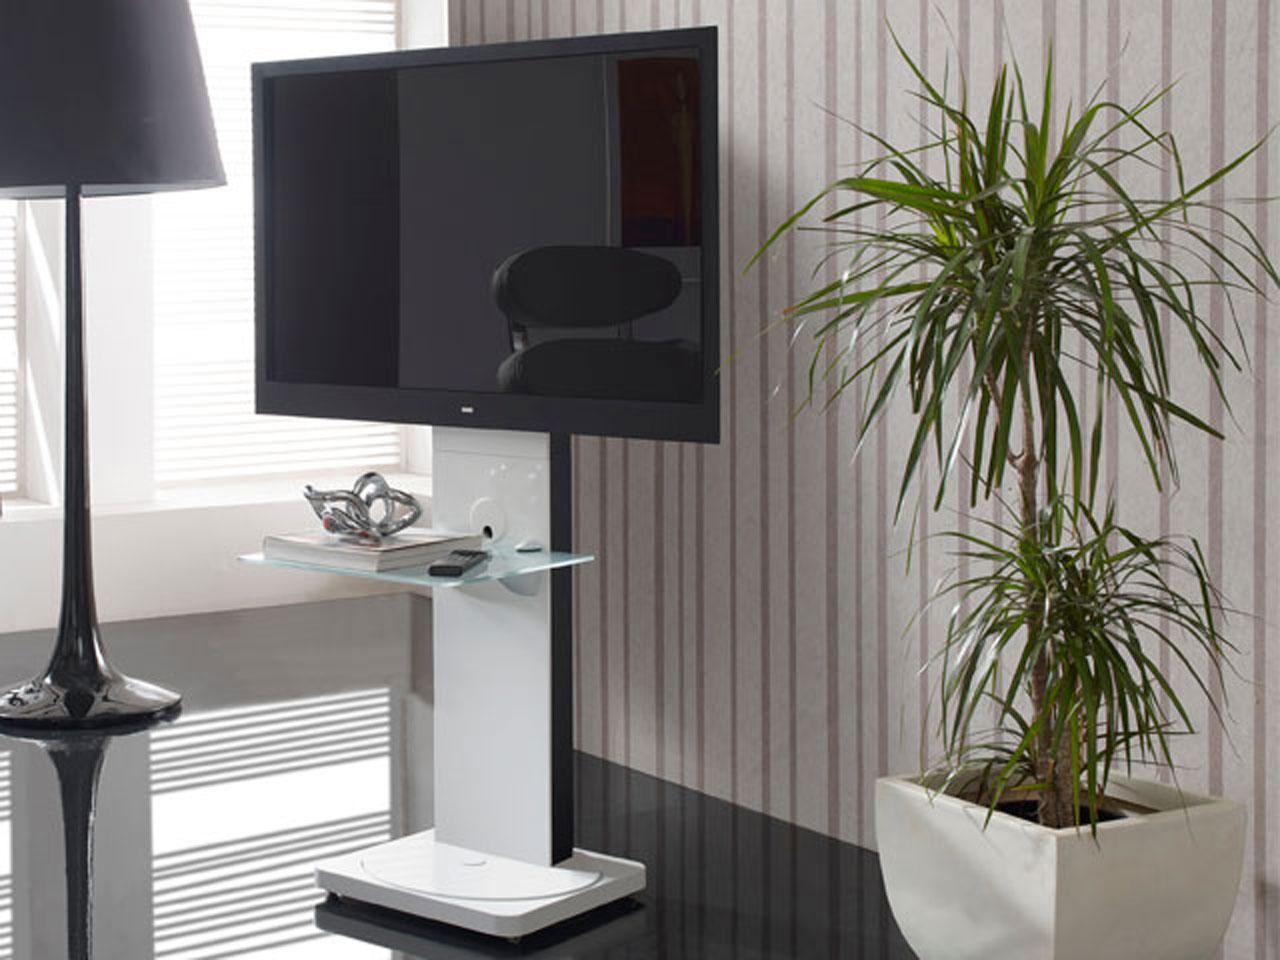 wei er drehbarer design tv st nder cmb 101 23 65 zoll. Black Bedroom Furniture Sets. Home Design Ideas